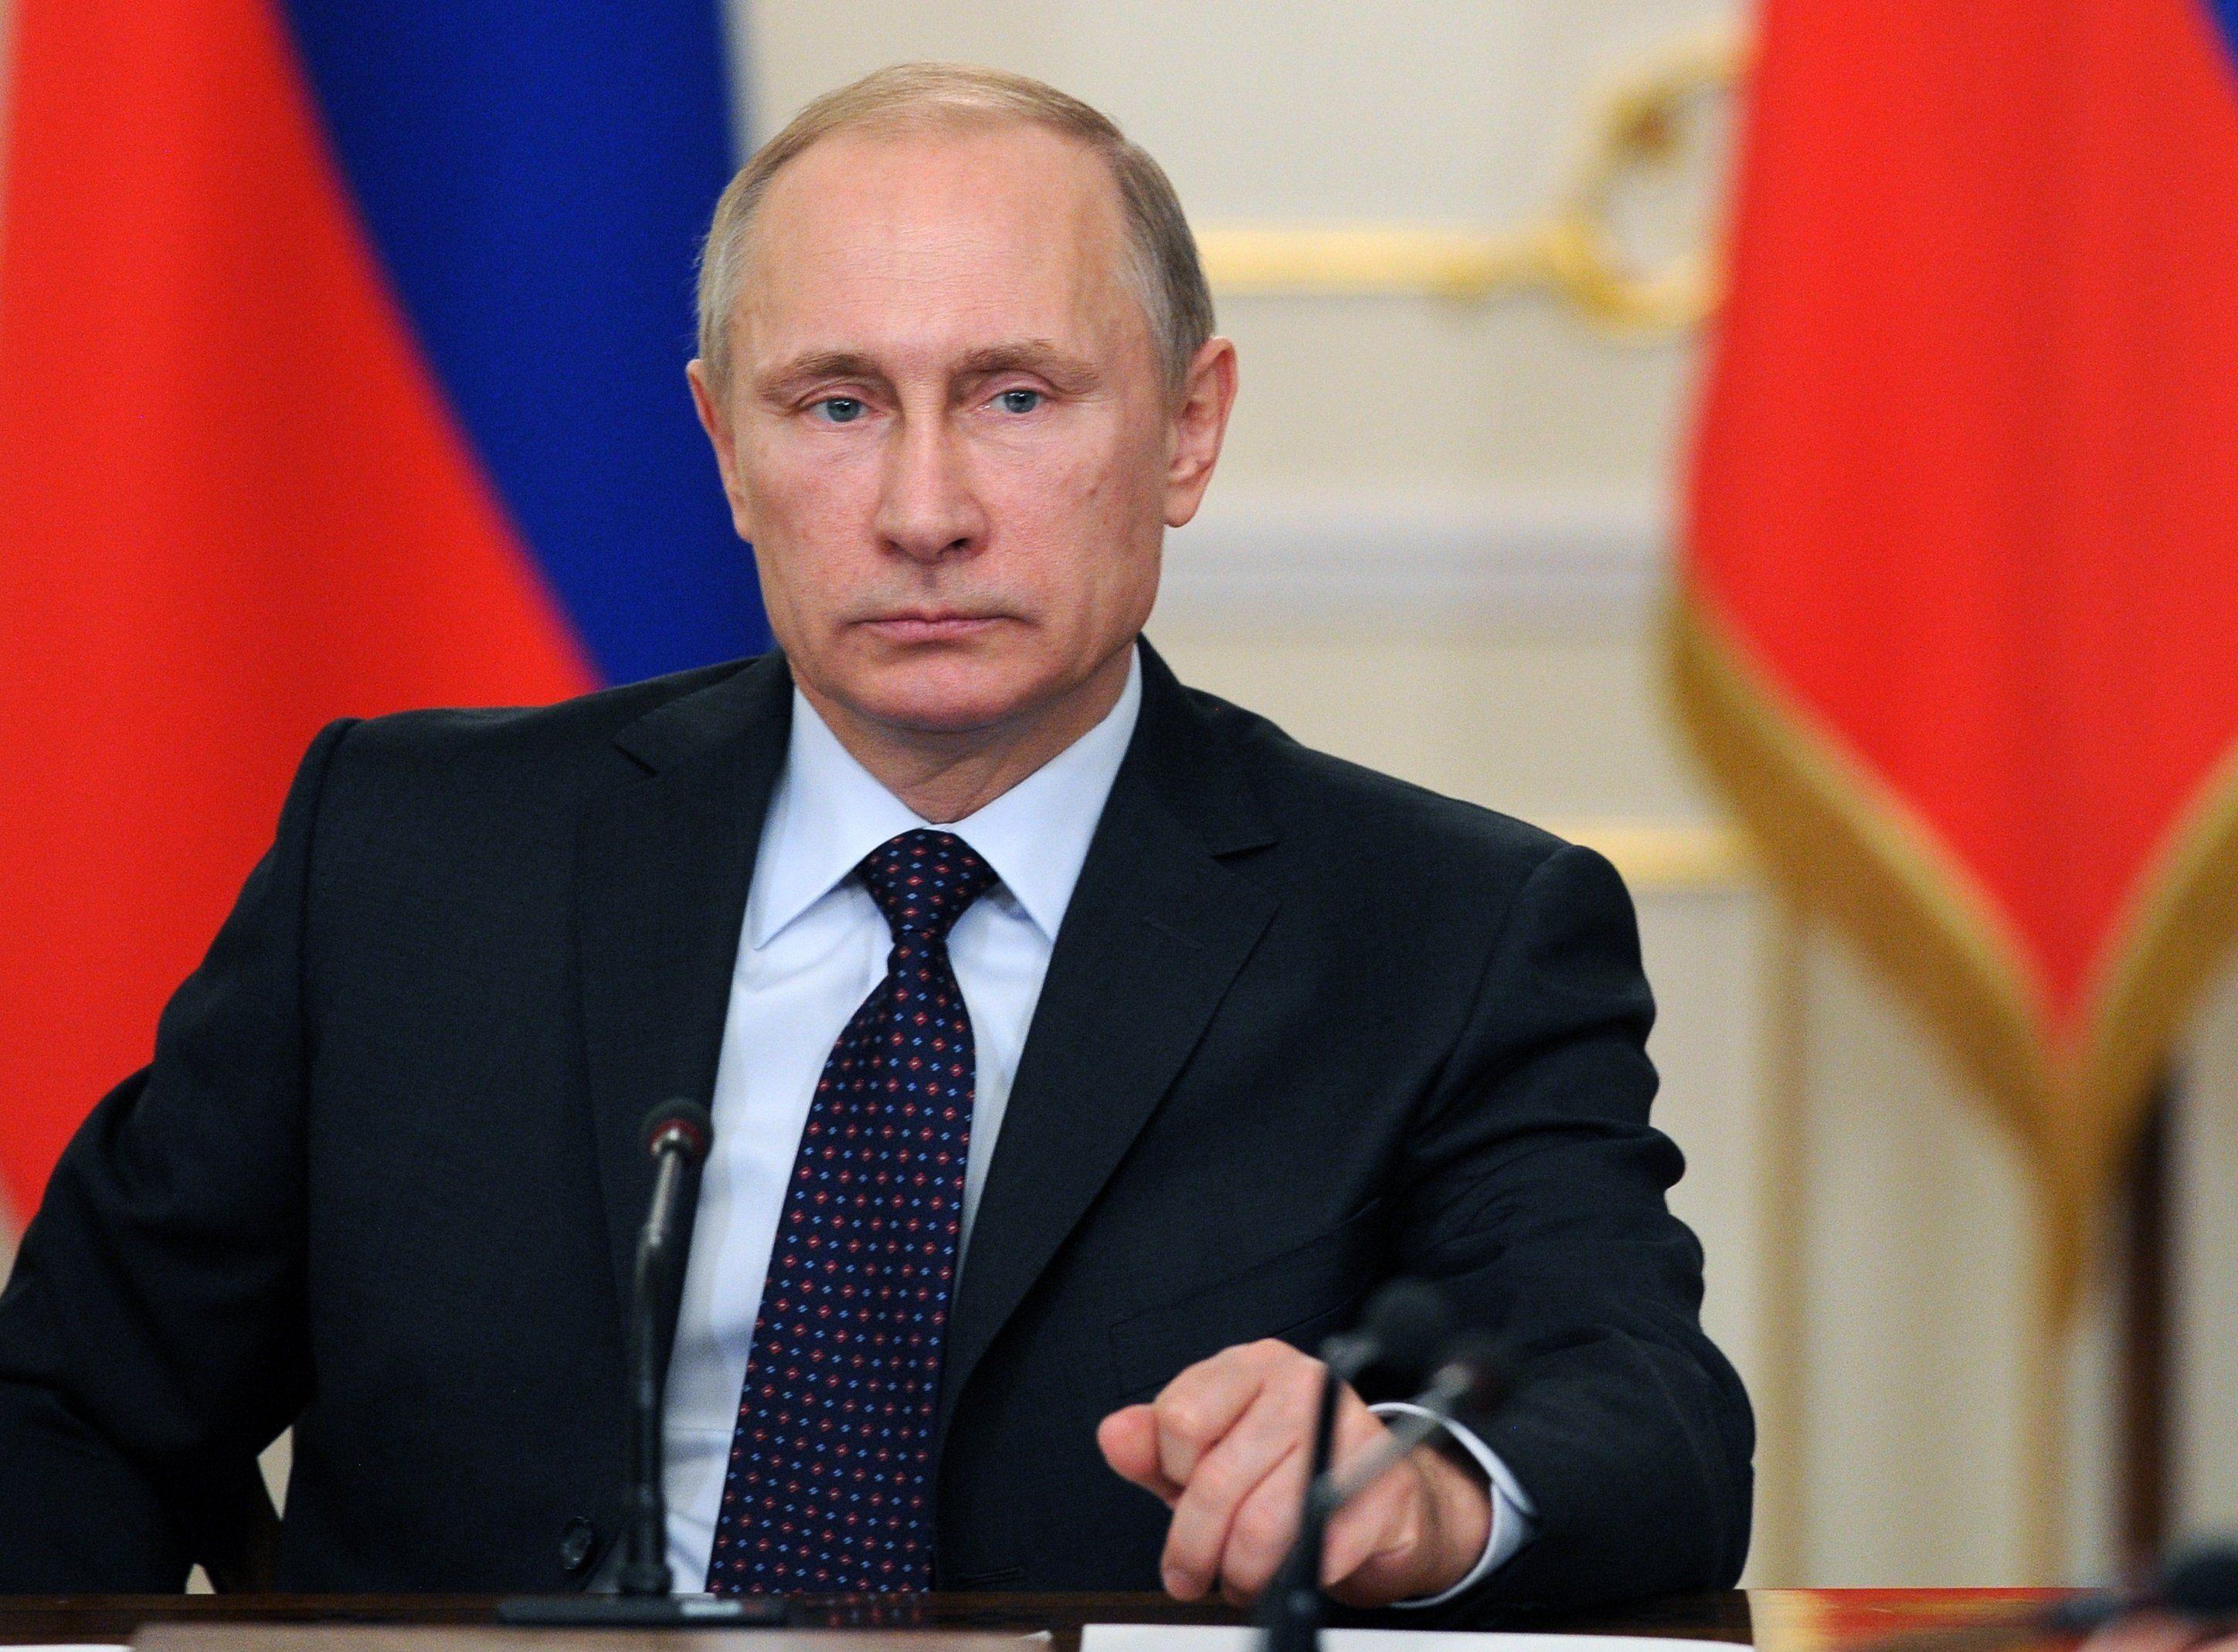 Путин: За политикой войны против русского языка — давление и прямое нарушение прав человека